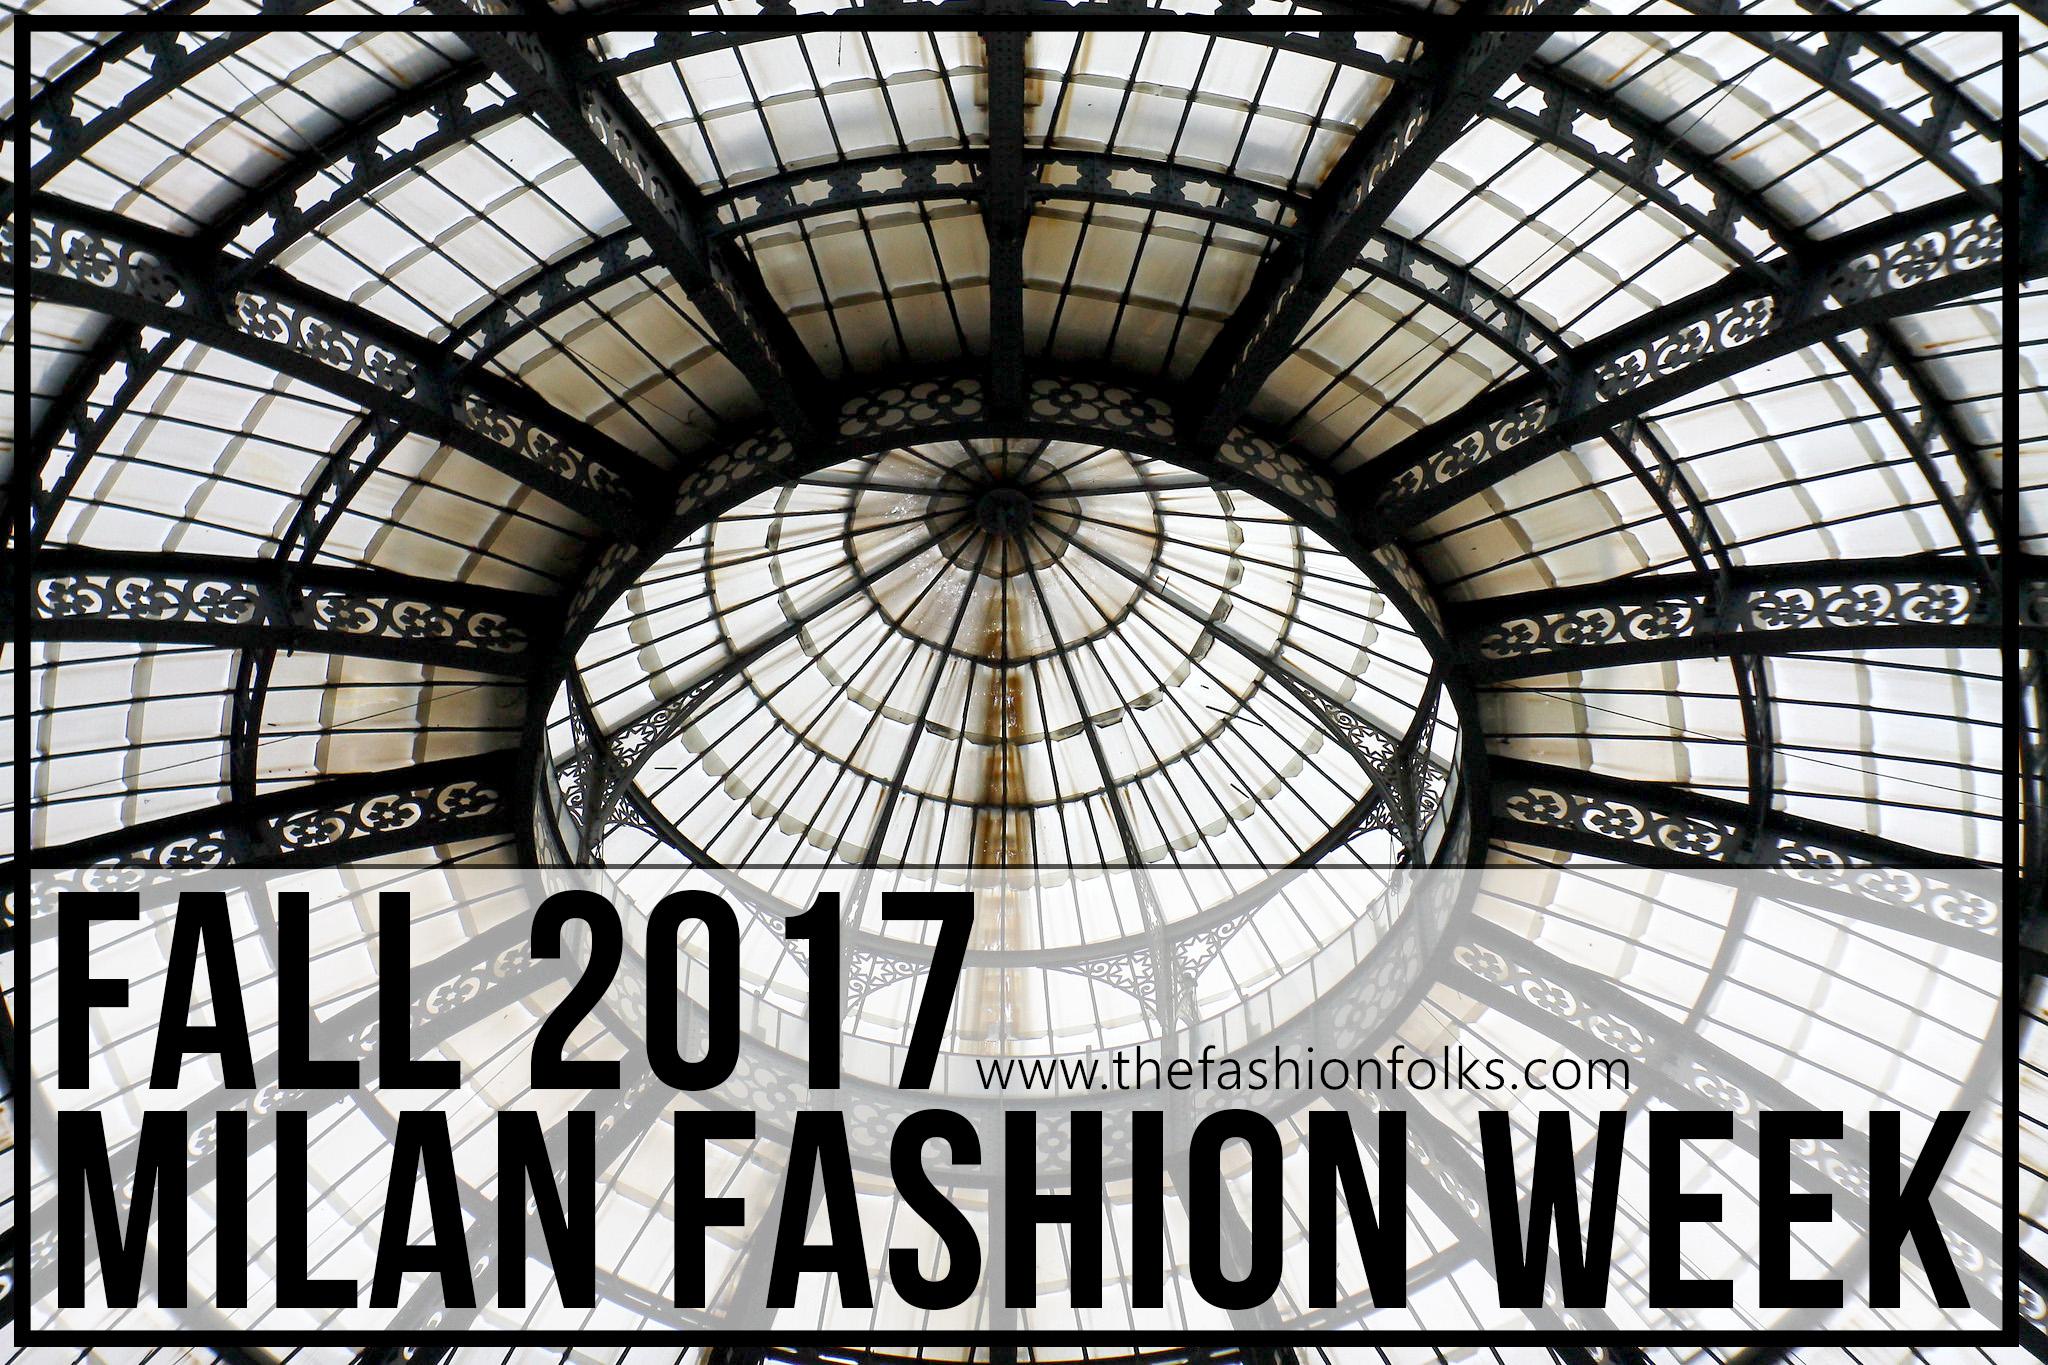 Milan Fashion Week Fall 2017